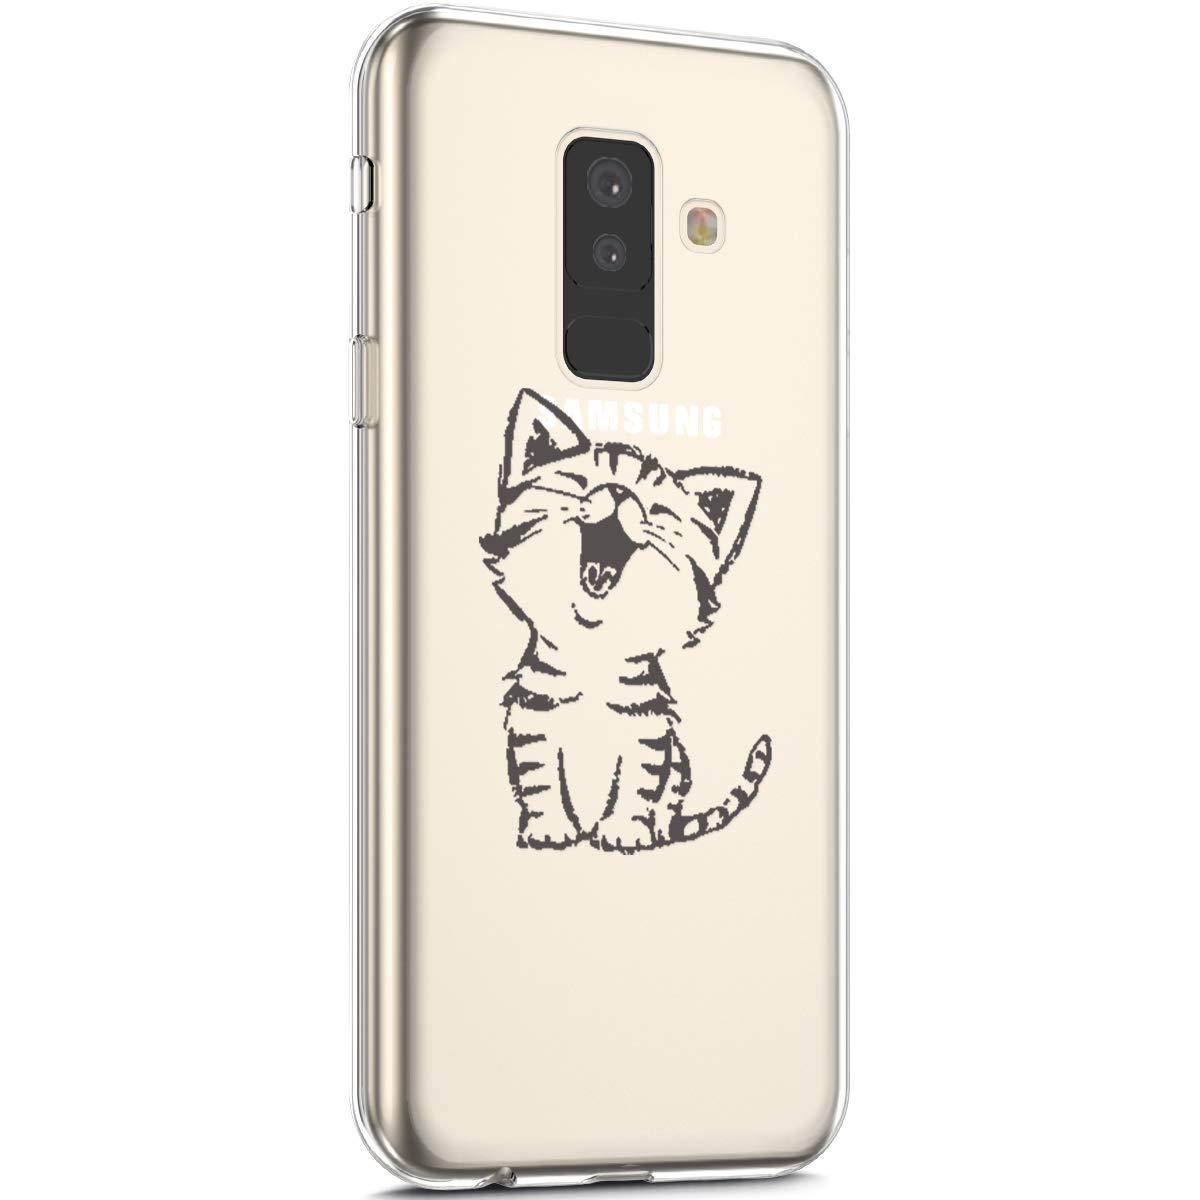 Surakey Cover Samsung Galaxy A6 Plus 2018, Custodia Silicone Trasparente con Disegni Fiore Ciliegio Sottile e Leggero Protettiva Skin Crystal Clear Cover per Galaxy A6 Plus 2018,Fiore Ciliegio Rosa